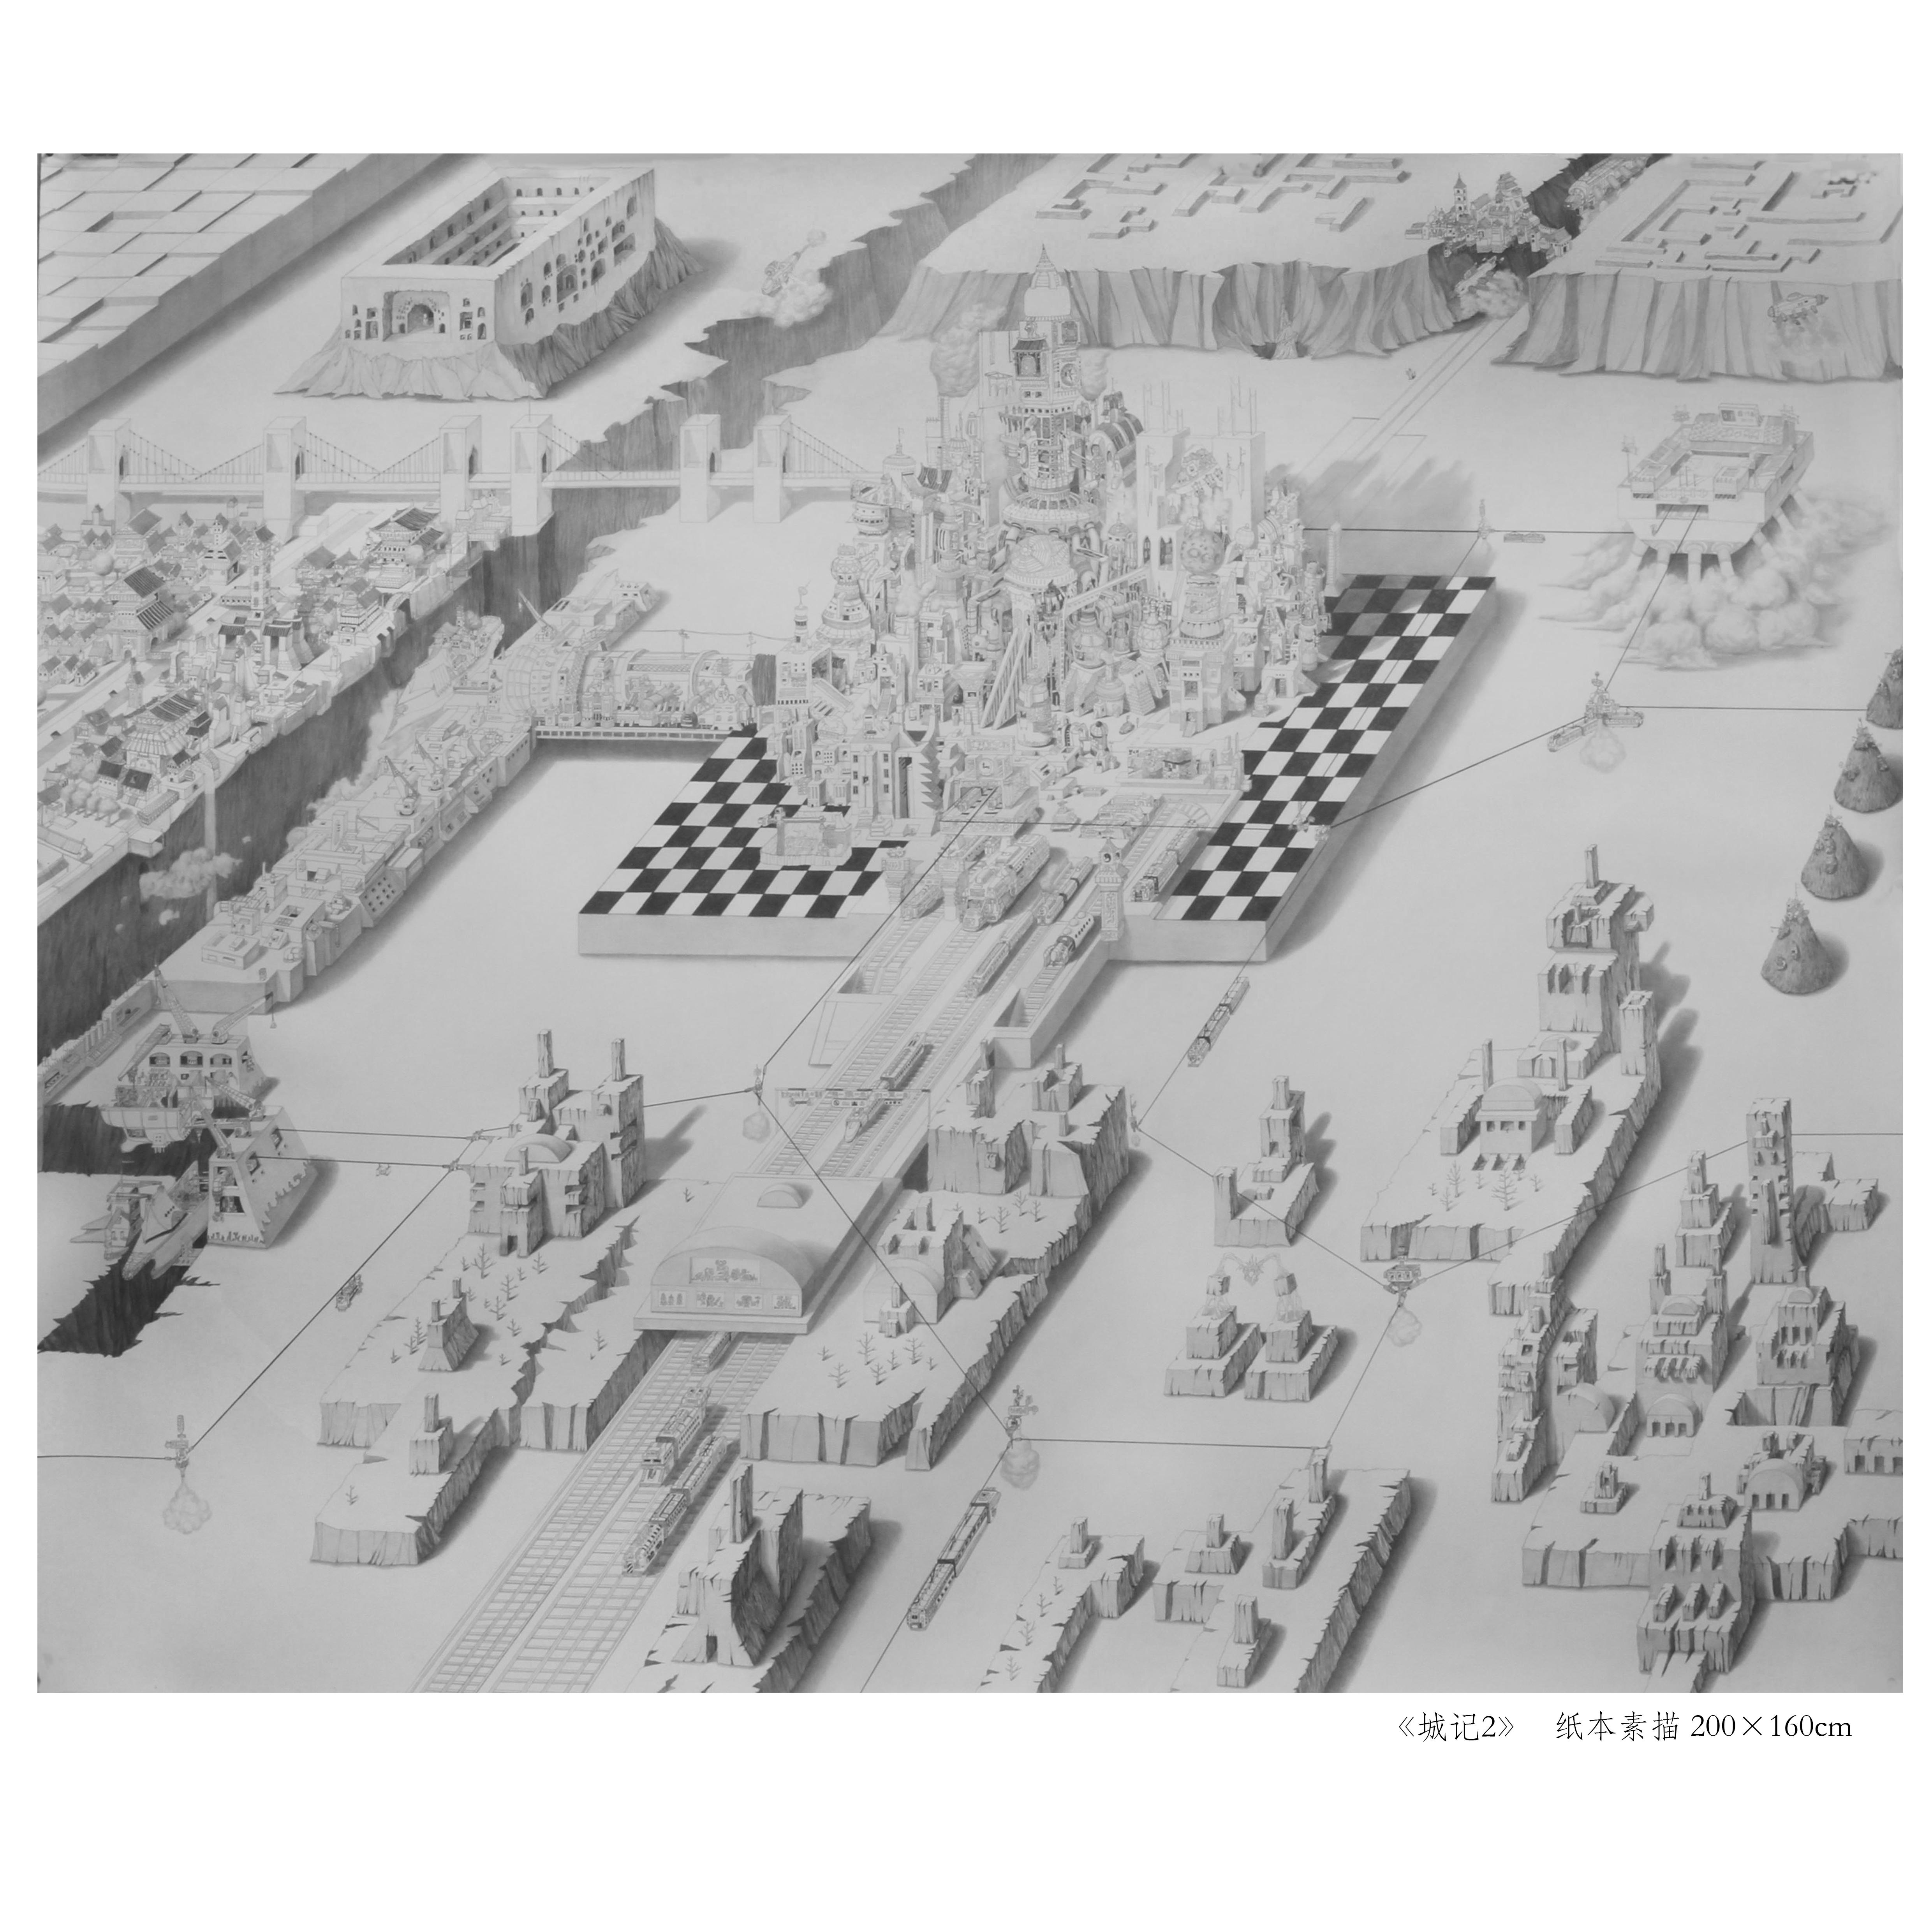 城记2 纸本素描